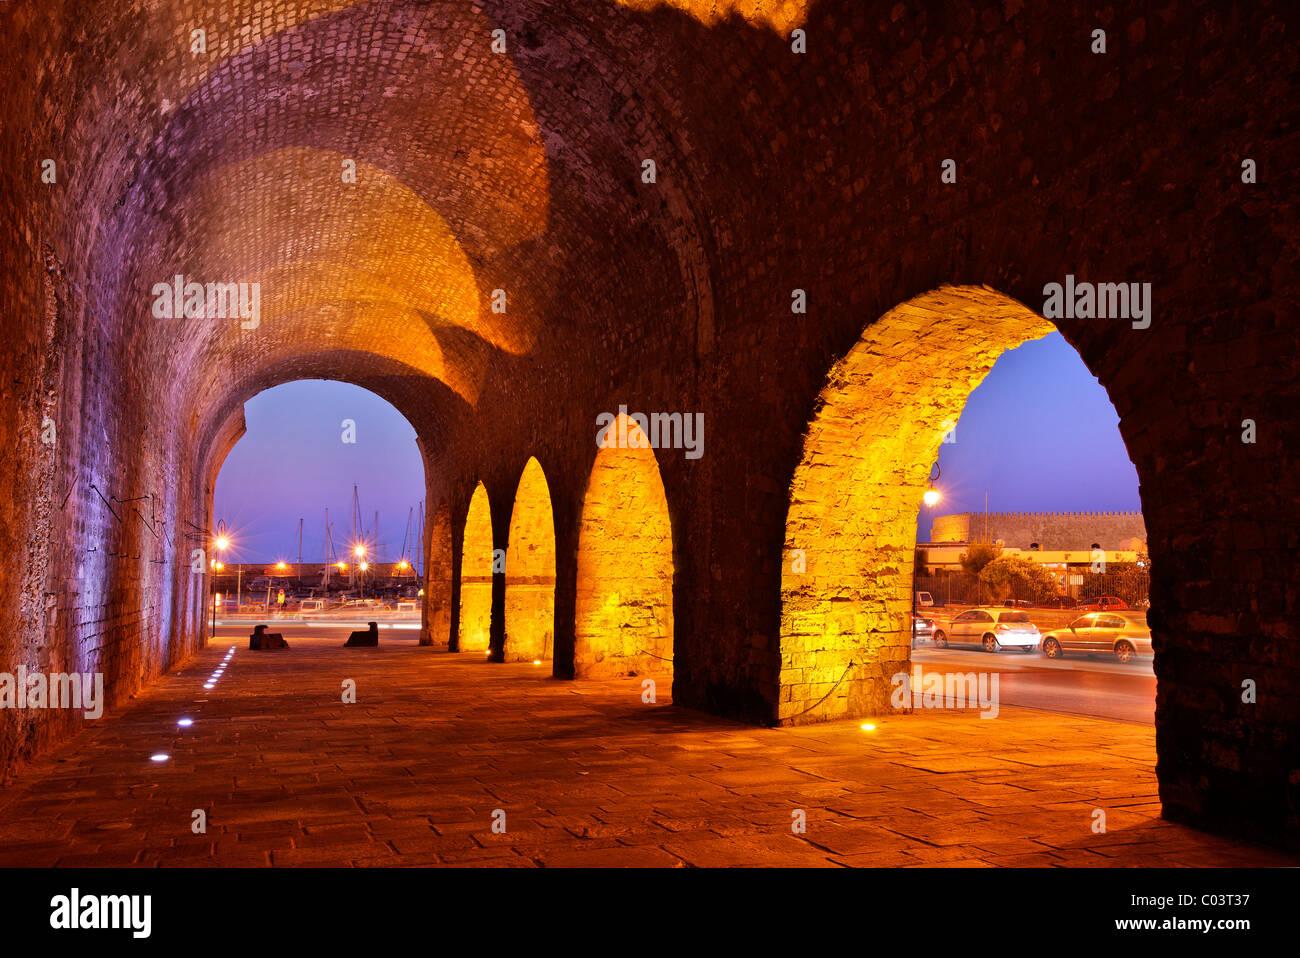 Parte de los astilleros venecianos ('Neoria'), cerca del antiguo puerto de Heraklion, en la hora 'azul'. La isla de Creta, Grecia Foto de stock